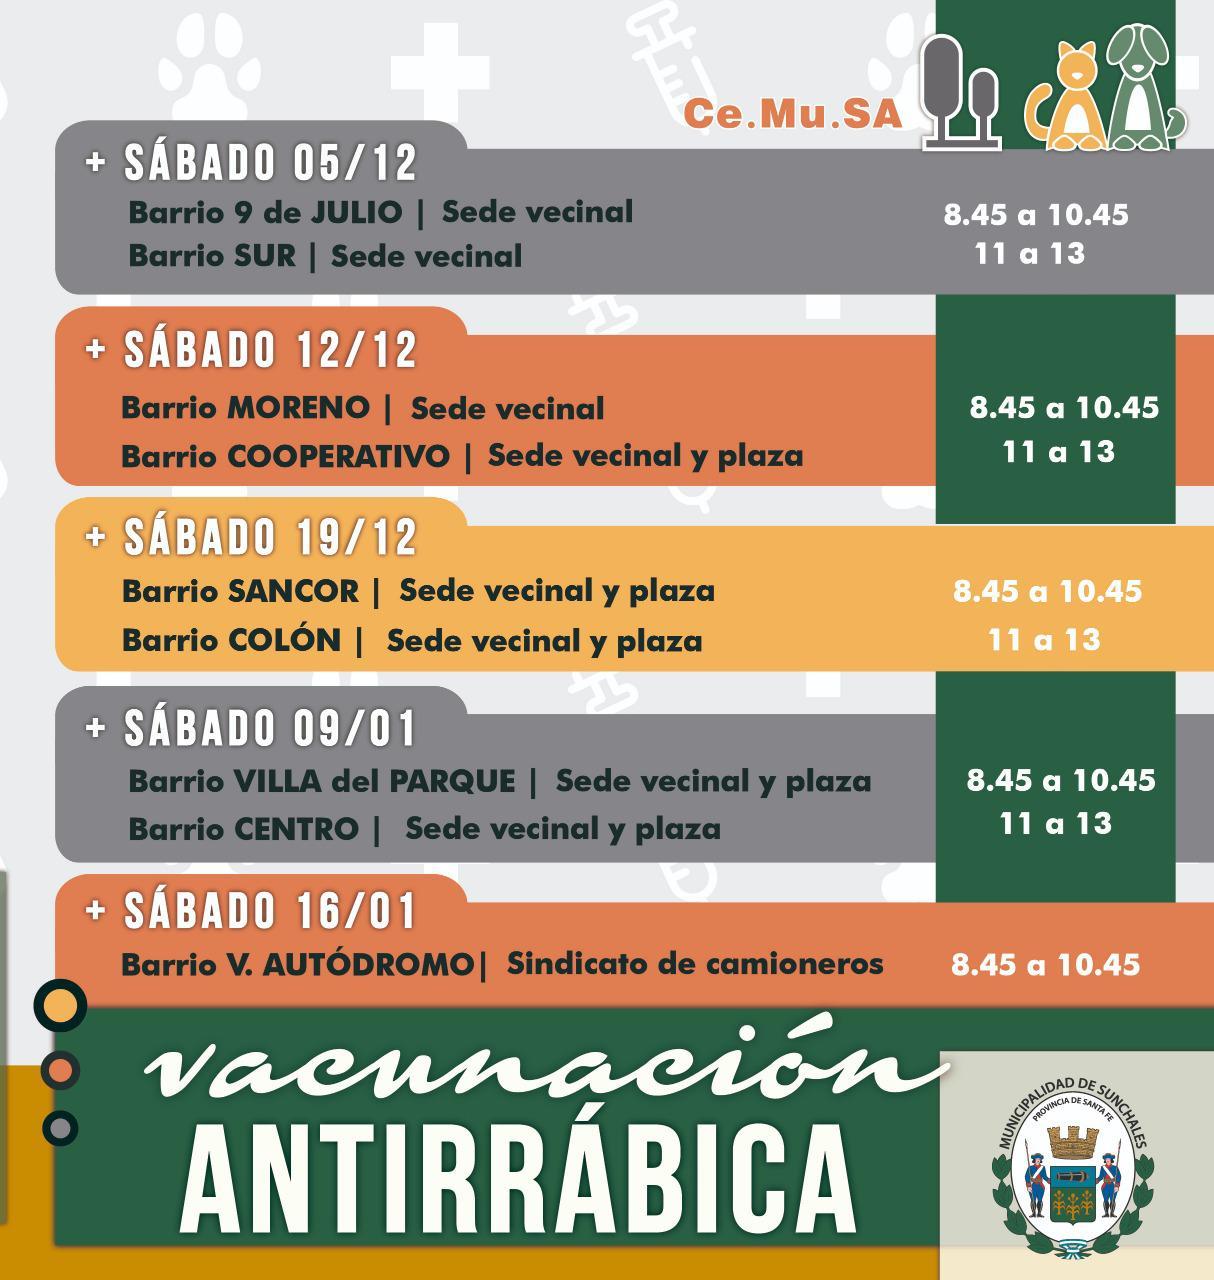 Vacunacion antirraica 2